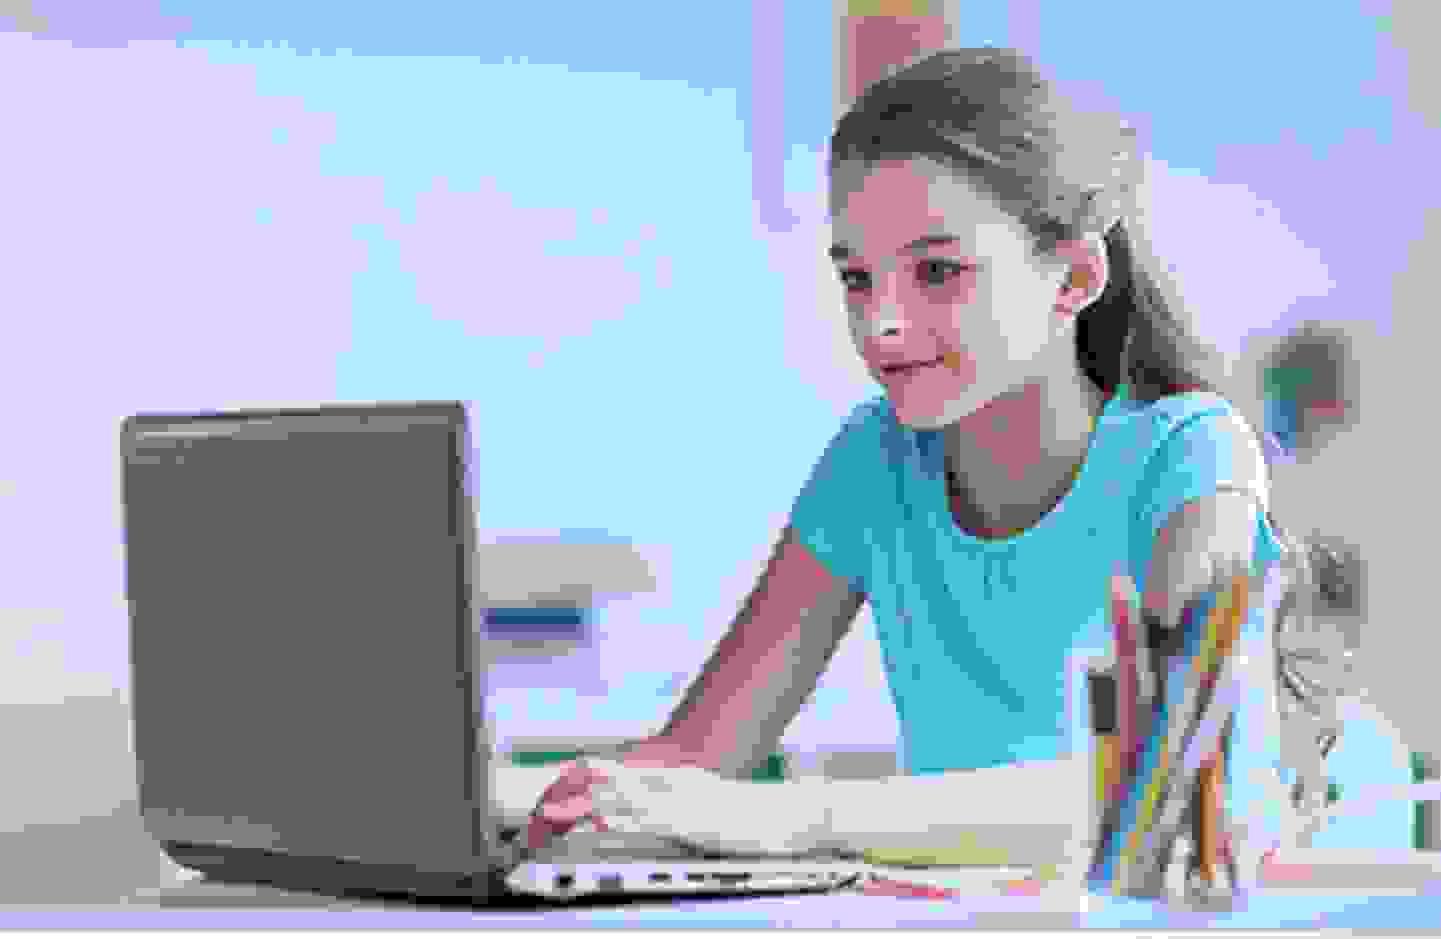 Unsere technischen Lösungen für den digitalen Unterricht - Jetzt entdecken »